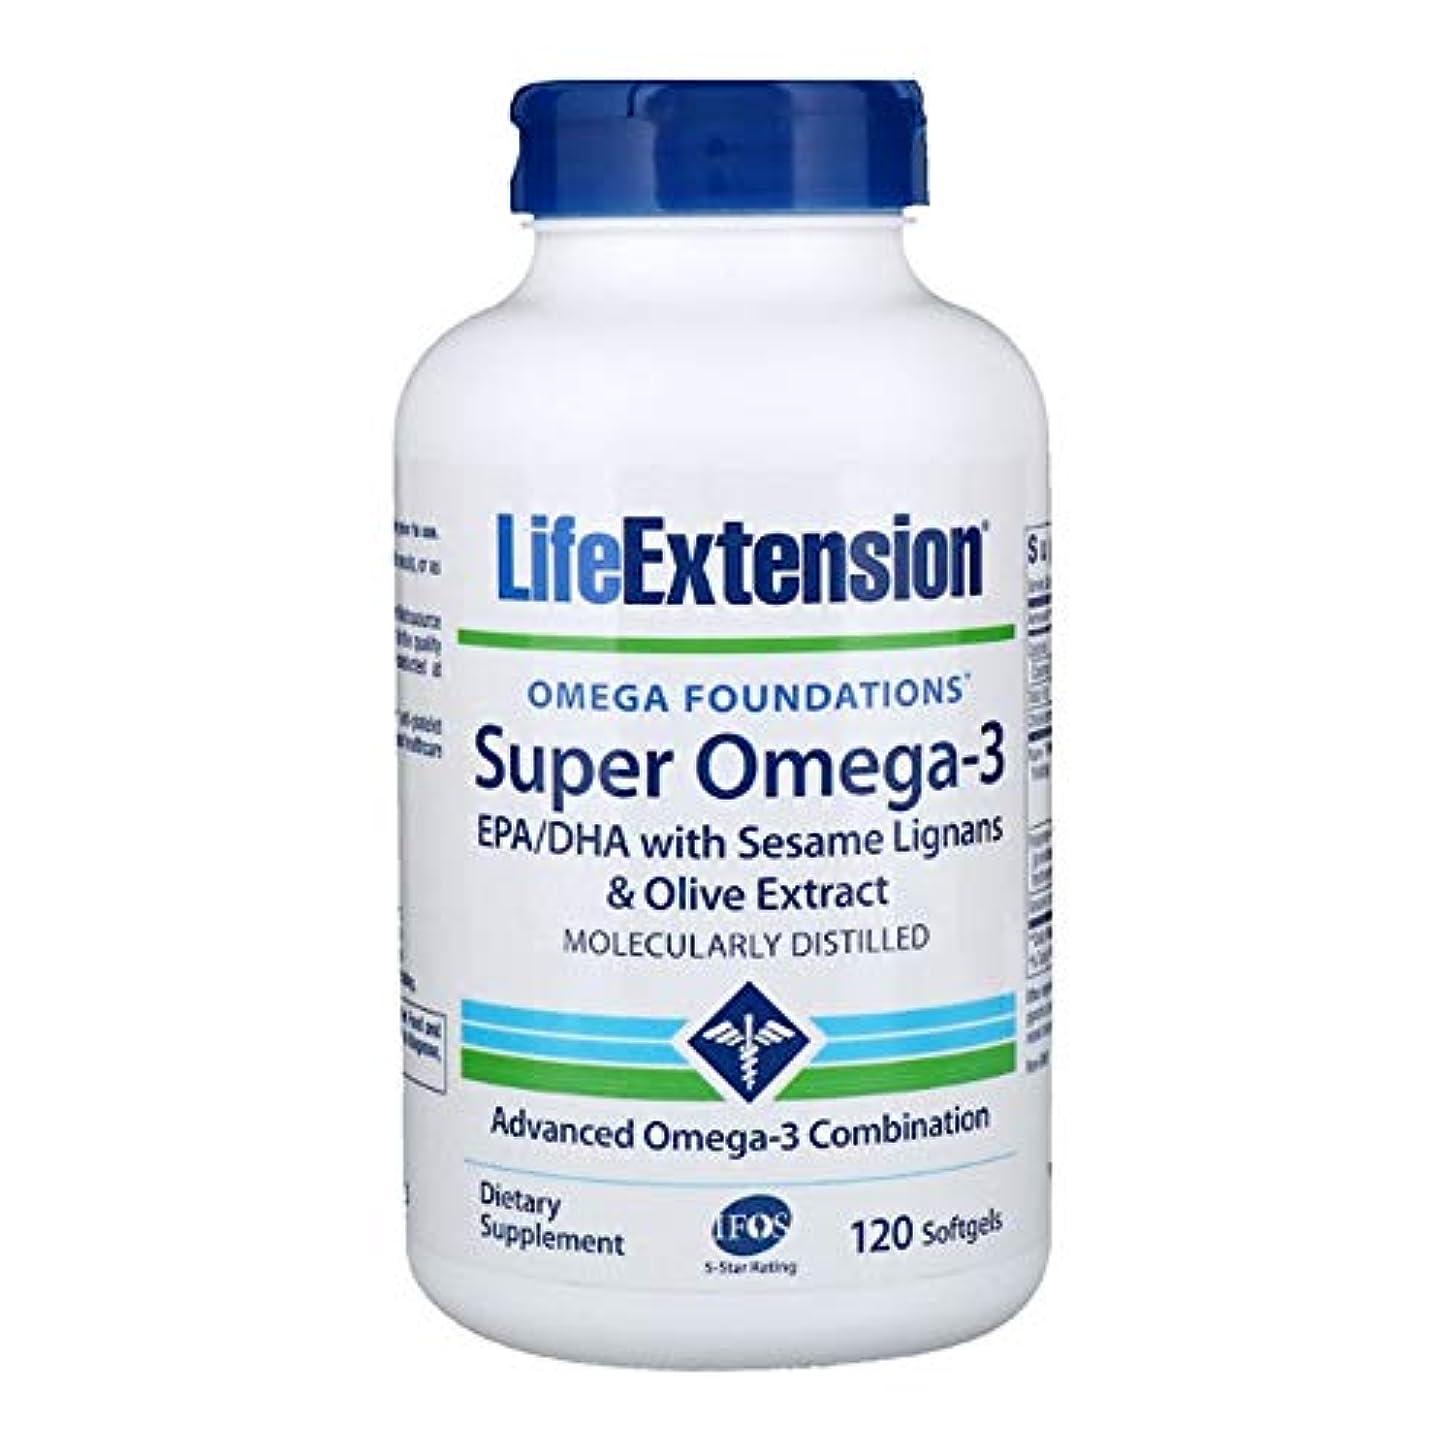 逃げる傾向があります画像Life Extension Omega Foundations Super Omega 3 120 ソフトジェルカプセル 【アメリカ直送】